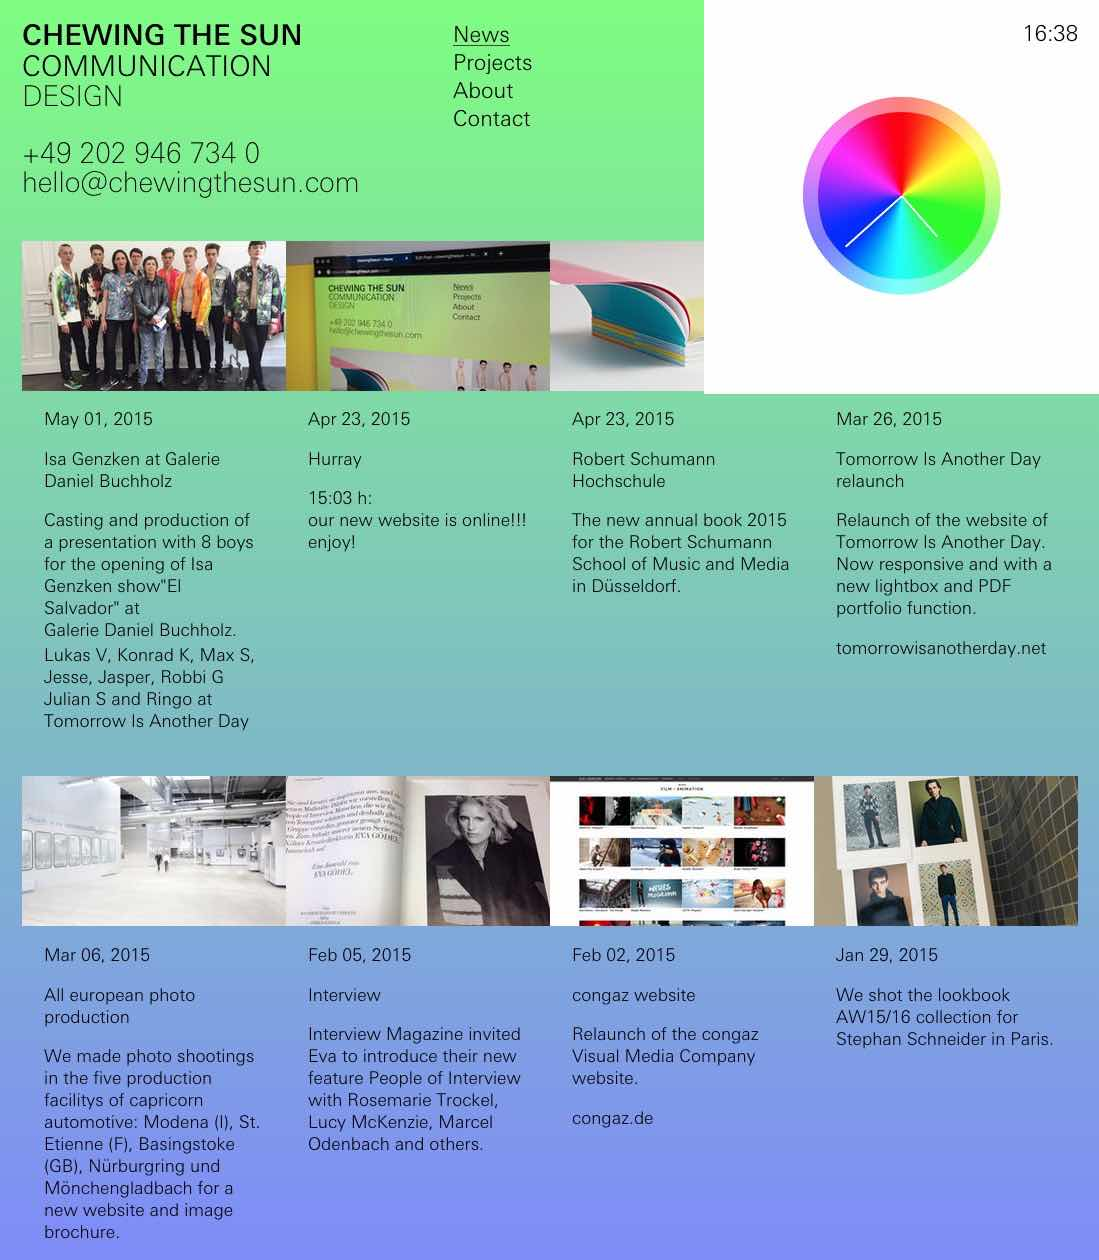 BI_150520_chewingthesun_website_1638